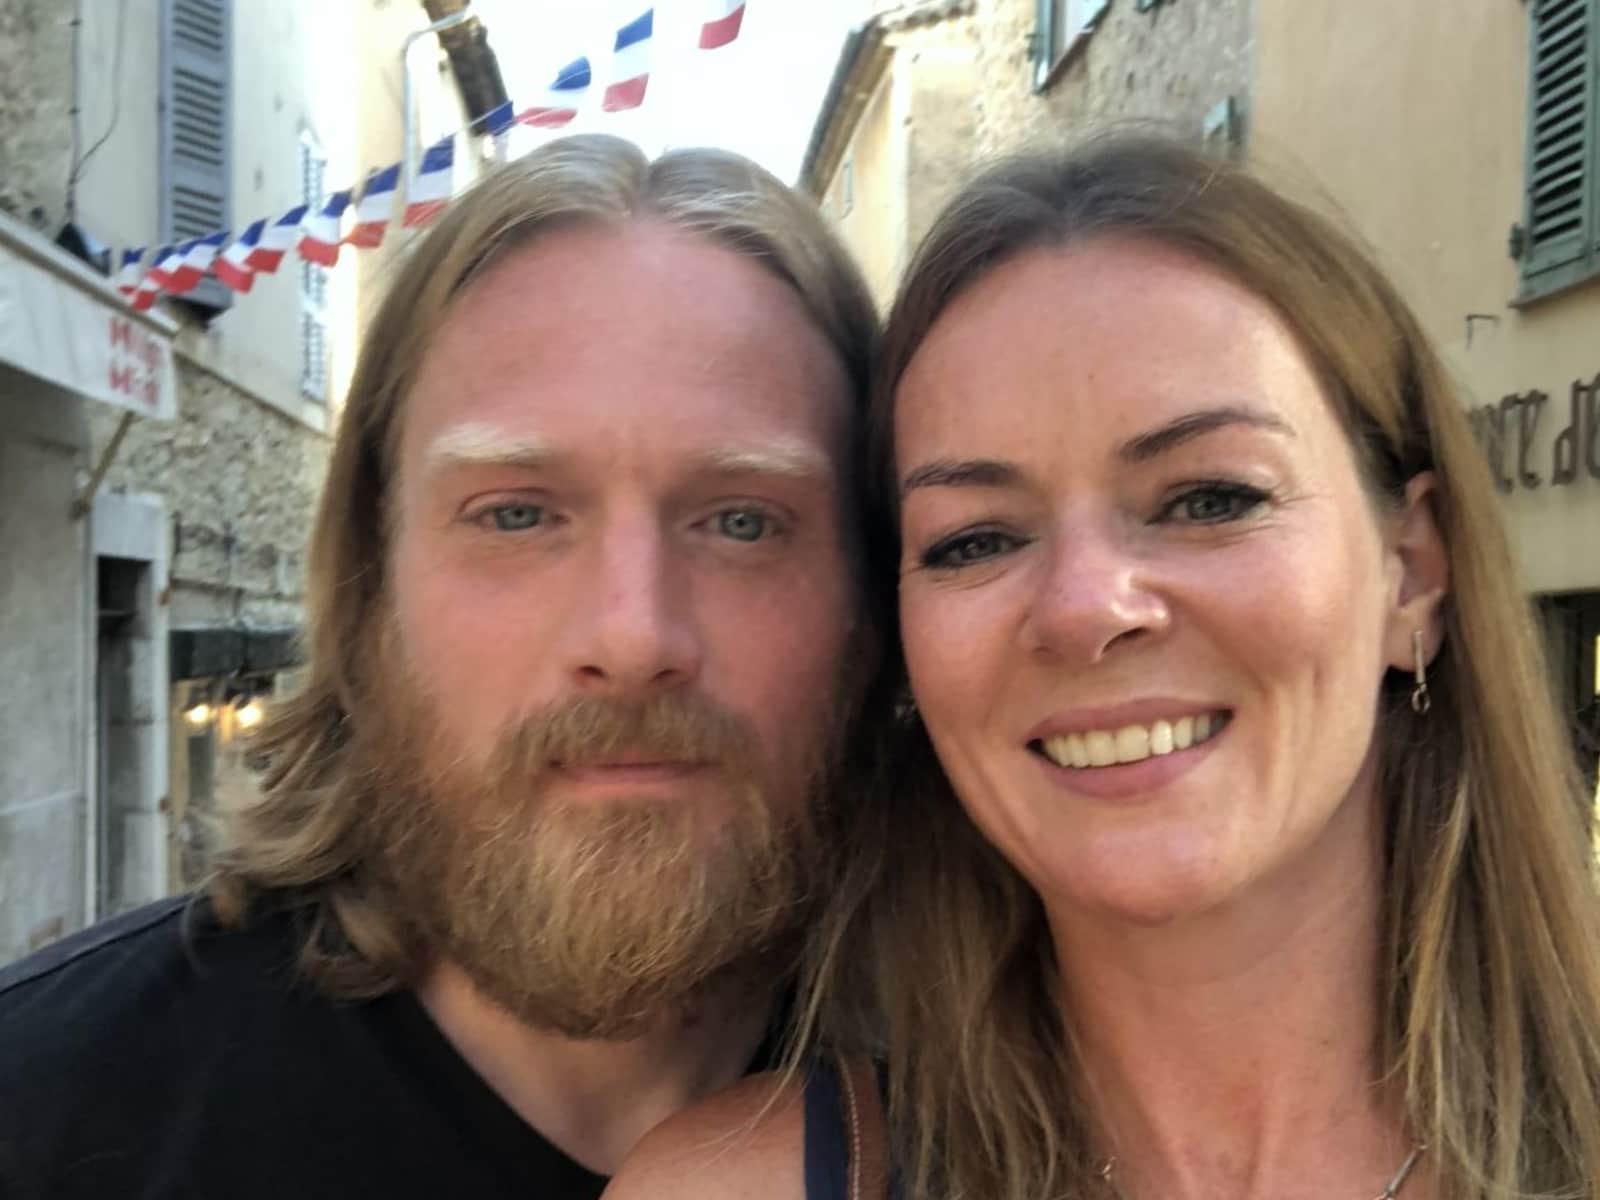 Heather & Tony from Dublin, Ireland